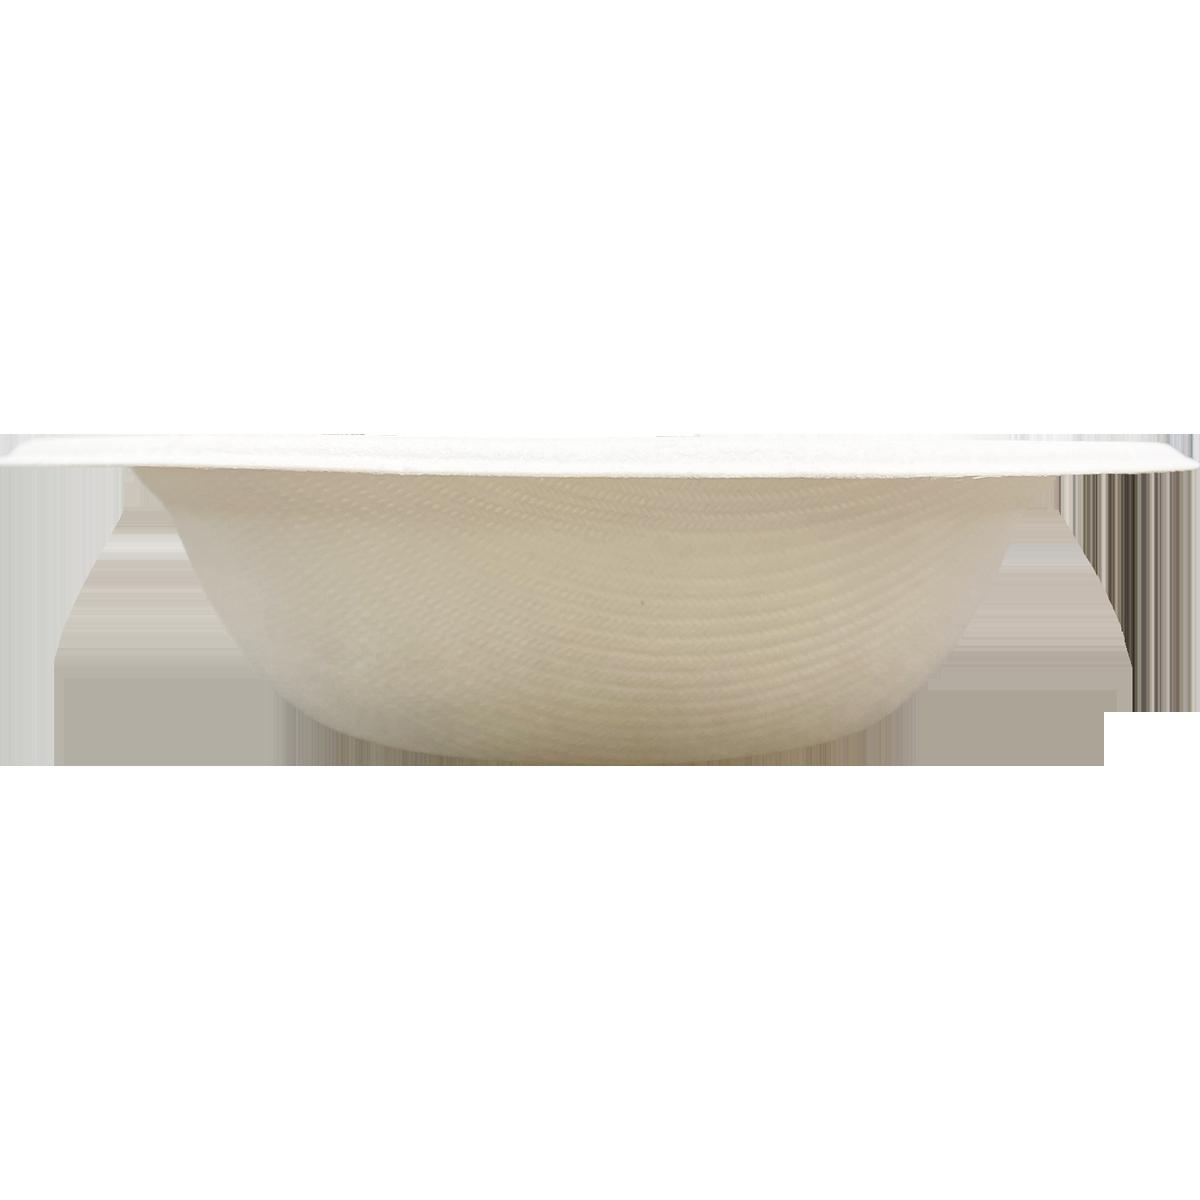 Side View Sugarcane Bowl 12oz copy